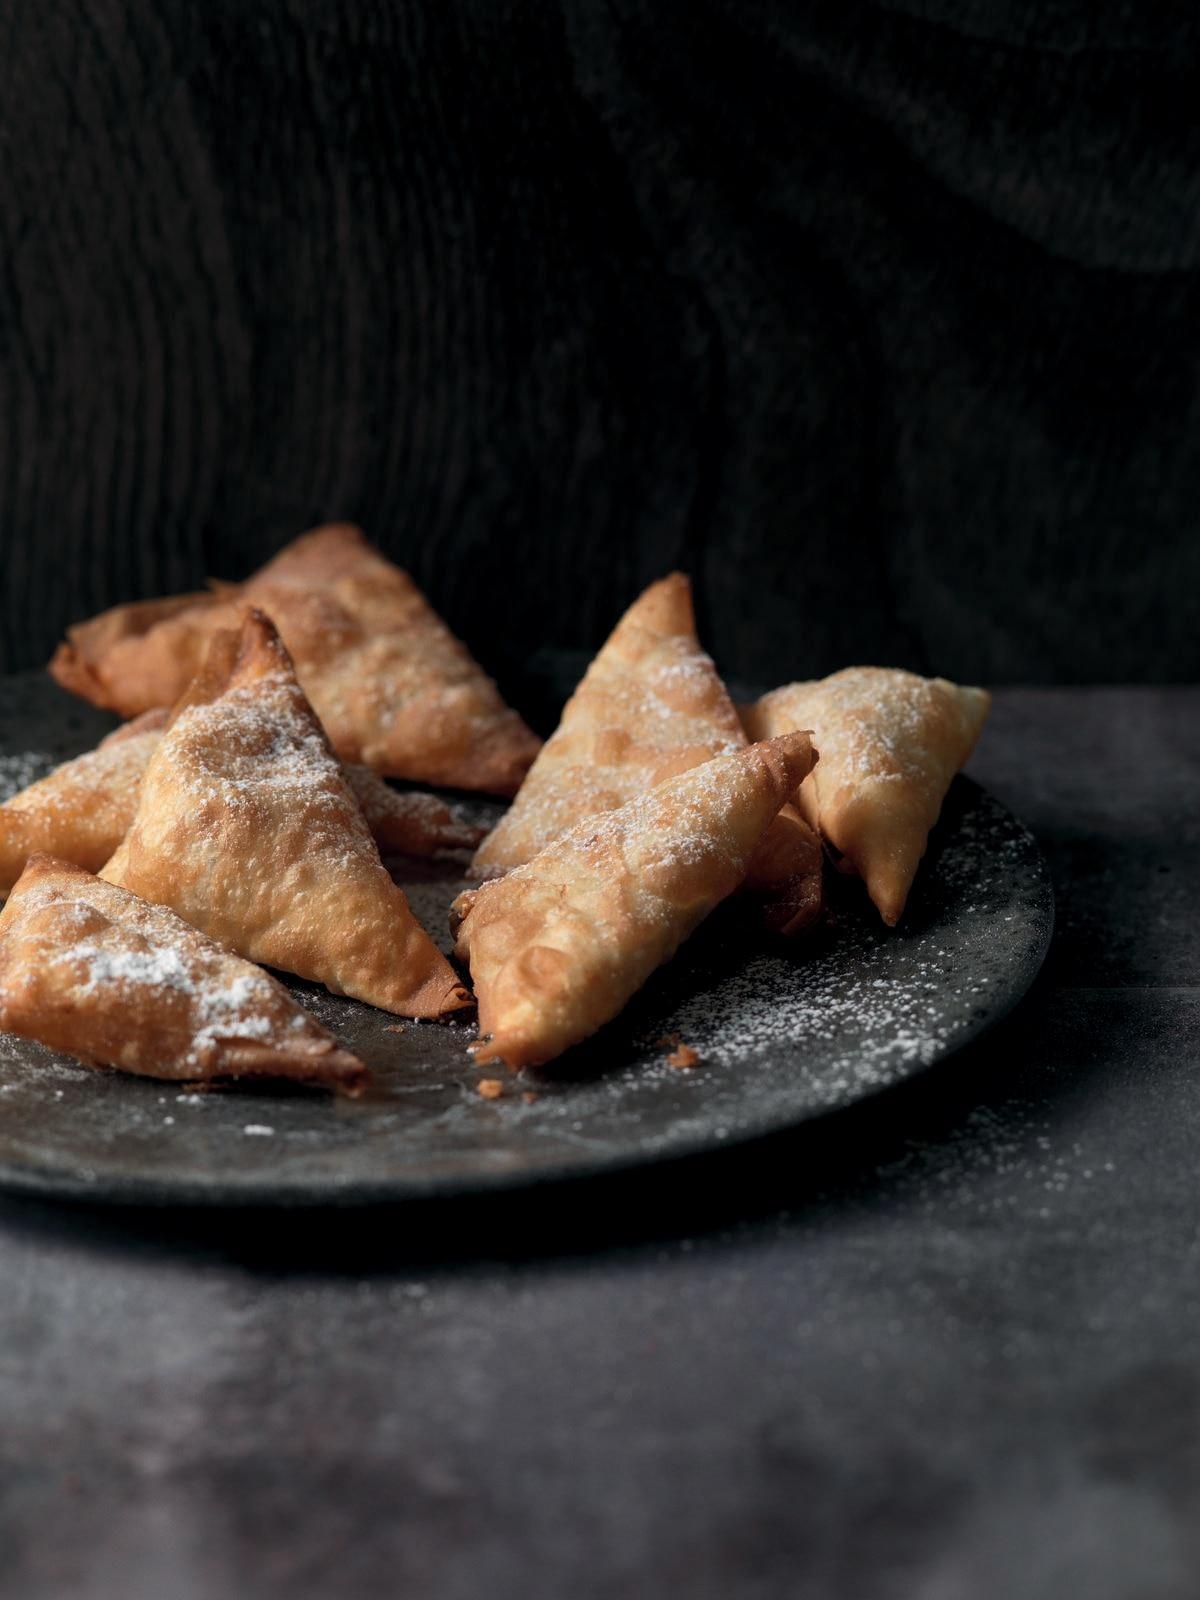 Receta fácil de Samosas o Empanadas Hindúes